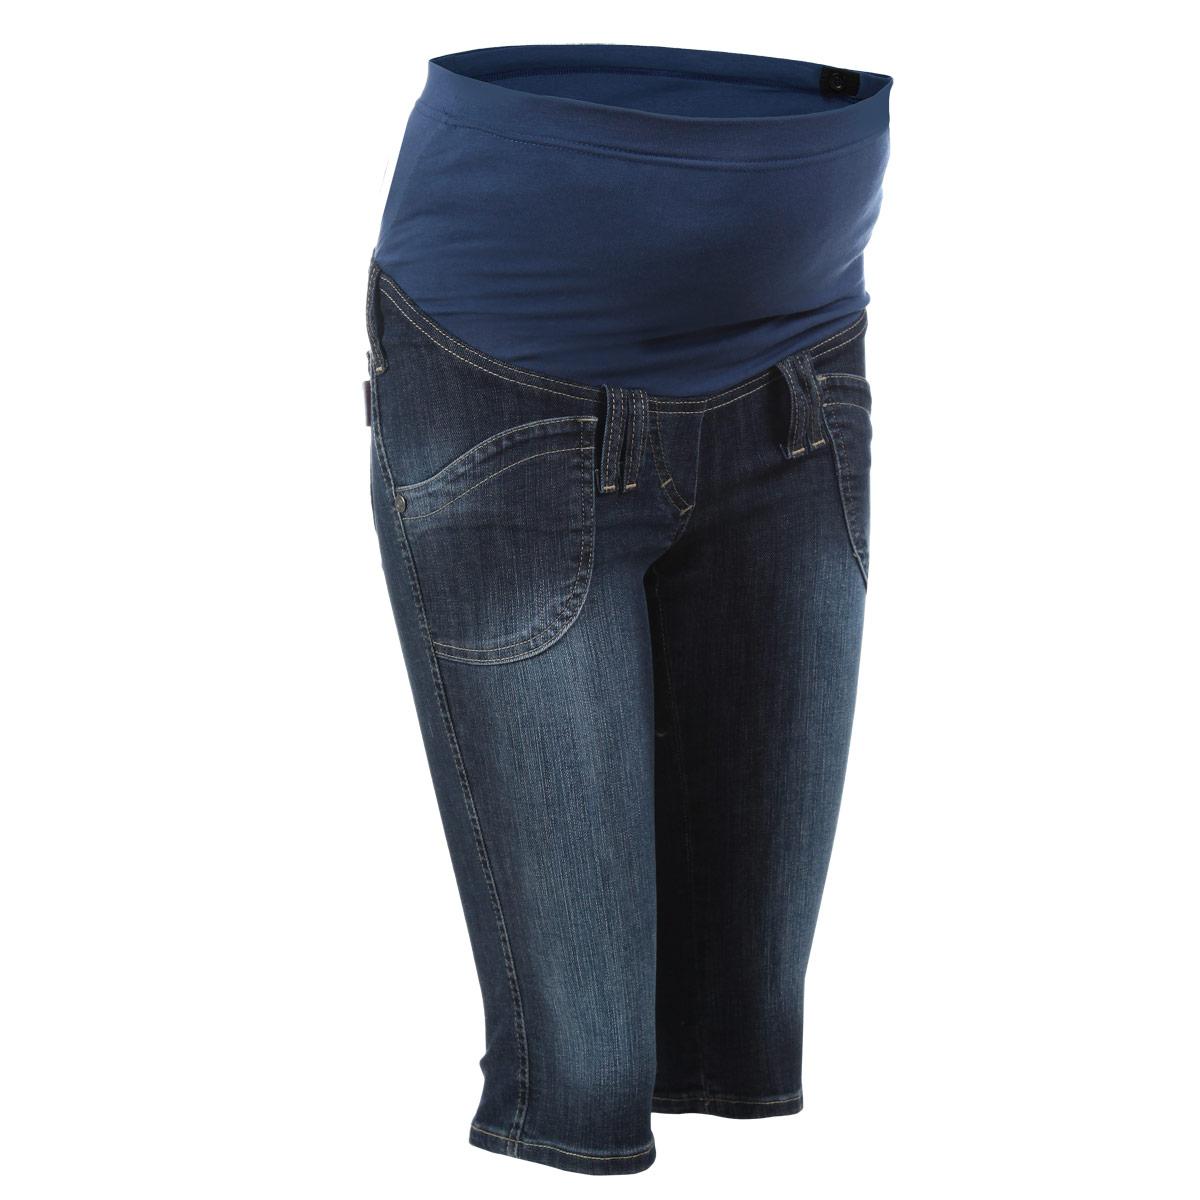 Бриджи5315.1Очень удобные джинсовые бриджи для беременных Nuova Vita с бандажом на живот, изготовленные из высококачественного материала, придают элегантность и индивидуальность. Бриджи прямого покроя имеют четырехкарманный крой: спереди - два накладных кармана и сзади - два накладных кармана. Имеются шлевки для ремня и имитация ширинки. Бандаж из стрейч-ткани поддерживает живот и уменьшает нагрузку на поясницу, с внутренней стороны регулируется эластичной резинкой на пуговице. В прохладную погоду бриджи прекрасно сочетаются со свитерами и кардиганами, длинными блузками или джемперами. Эта модель придется по душе даже самой капризной женщине.